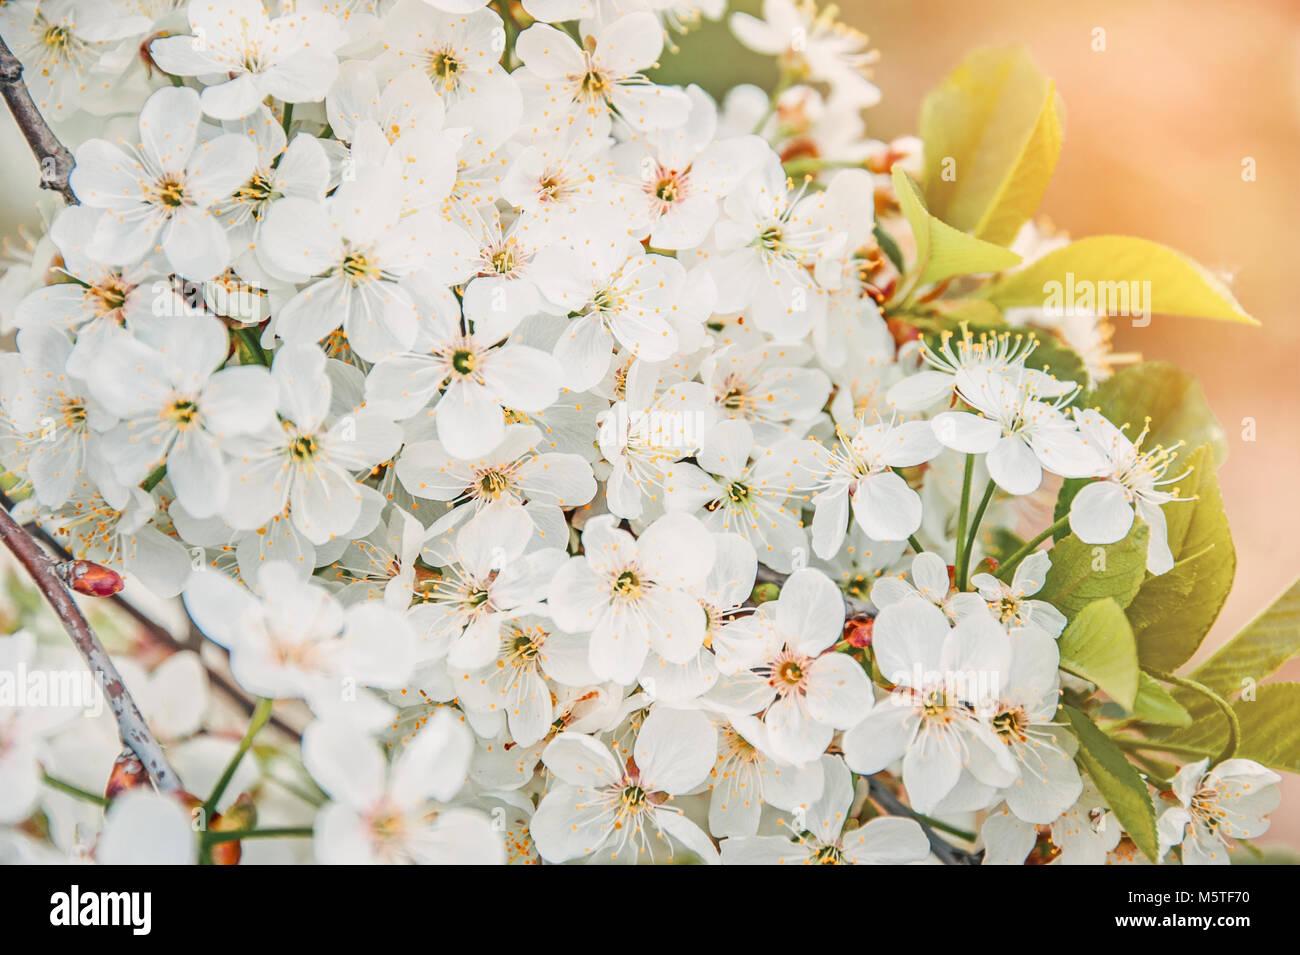 Branche De L Arbre De Printemps Avec De Petites Fleurs Blanches L